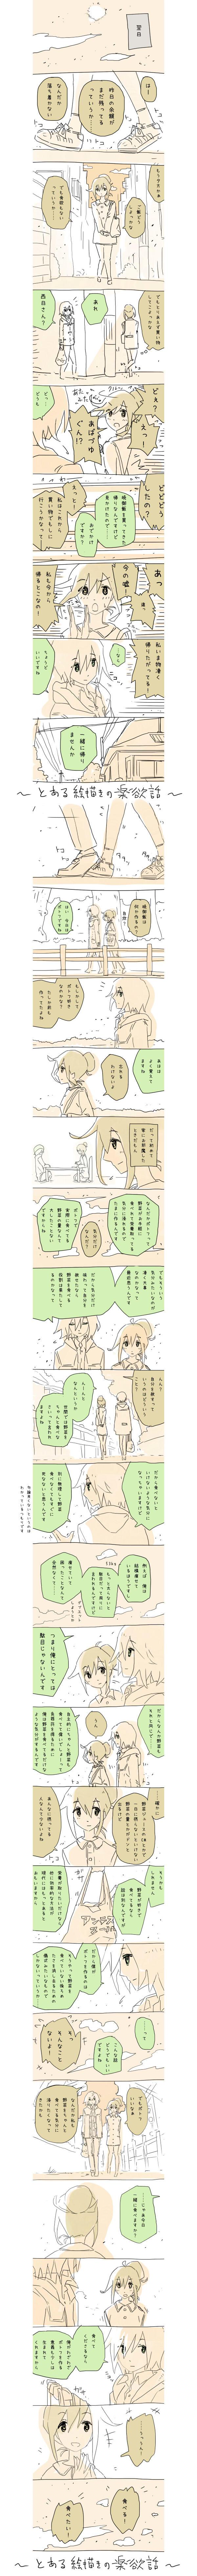 b22_01.jpg